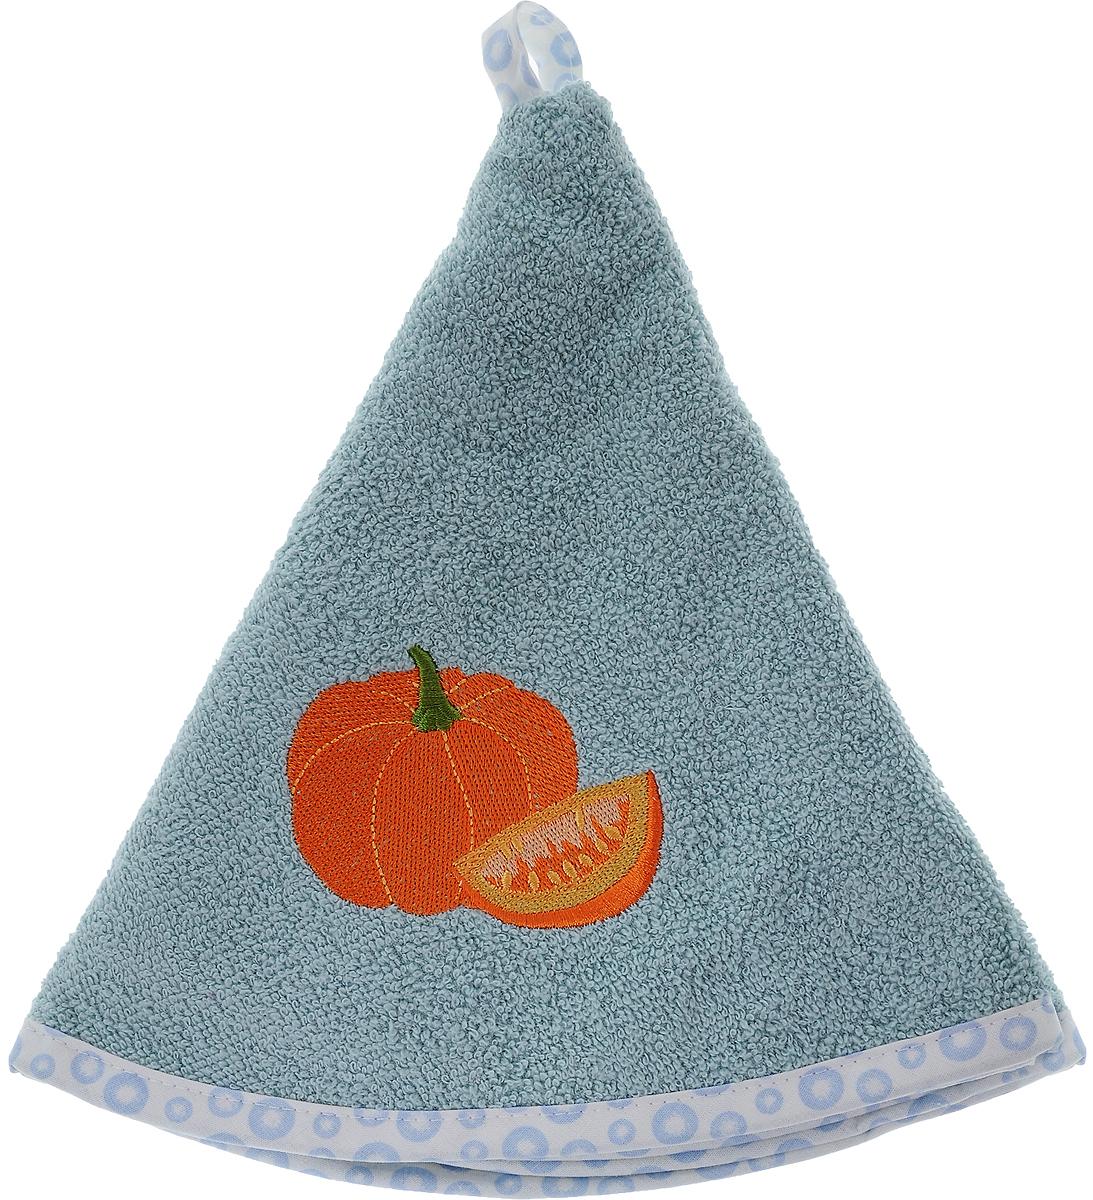 Полотенце кухонное Karna Zelina. Тыква, цвет: серо-голубой, оранжевый, диаметр 50 смVT-1520(SR)Круглое кухонное полотенце Karna Zelina. Тыква изготовлено из 100% хлопка, поэтому являетсяэкологически чистым. Качество материала гарантирует безопасность не только взрослым, но и самым маленьким членам семьи. Изделие мягкое и пушистое, оснащено удобной петелькой и украшено оригинальной вышивкой. Кухонное полотенце Karna сделает интерьер вашей кухни стильным и гармоничным.Диаметр полотенца: 50 см.